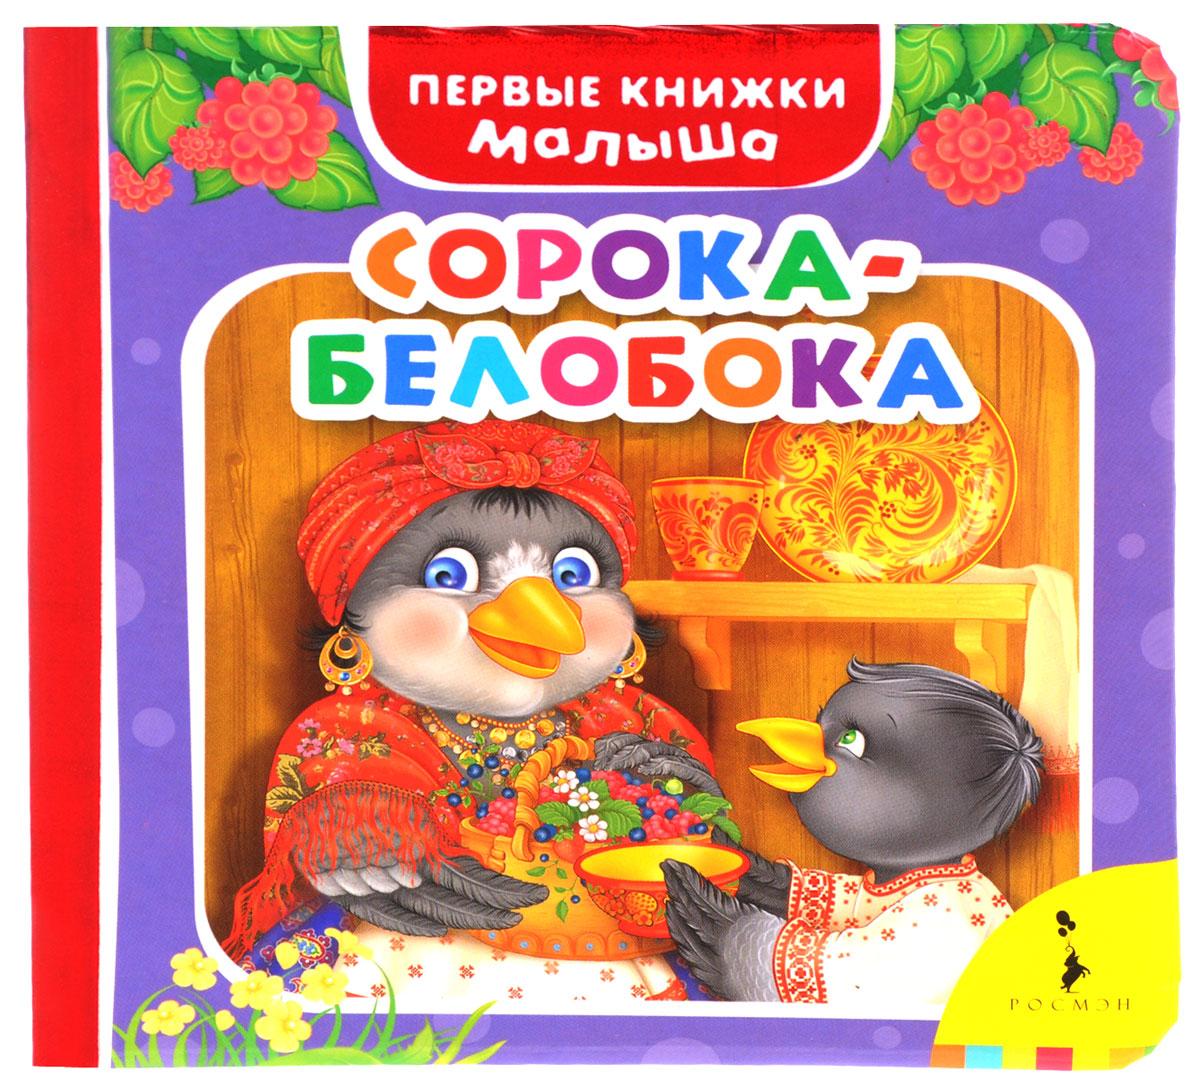 Сорока-белобока12296407Серия Первые книжки малыша предназначена для чтения детям от года и включает в себя произведения, подобранные с учётом возраста ребёнка. Любимые сказки, стихи, загадки, песенки и потешки проиллюстрированы талантливыми художниками. Книги с красочными рисунками помогут приобщить малыша к чтению и разовьют его кругозор.